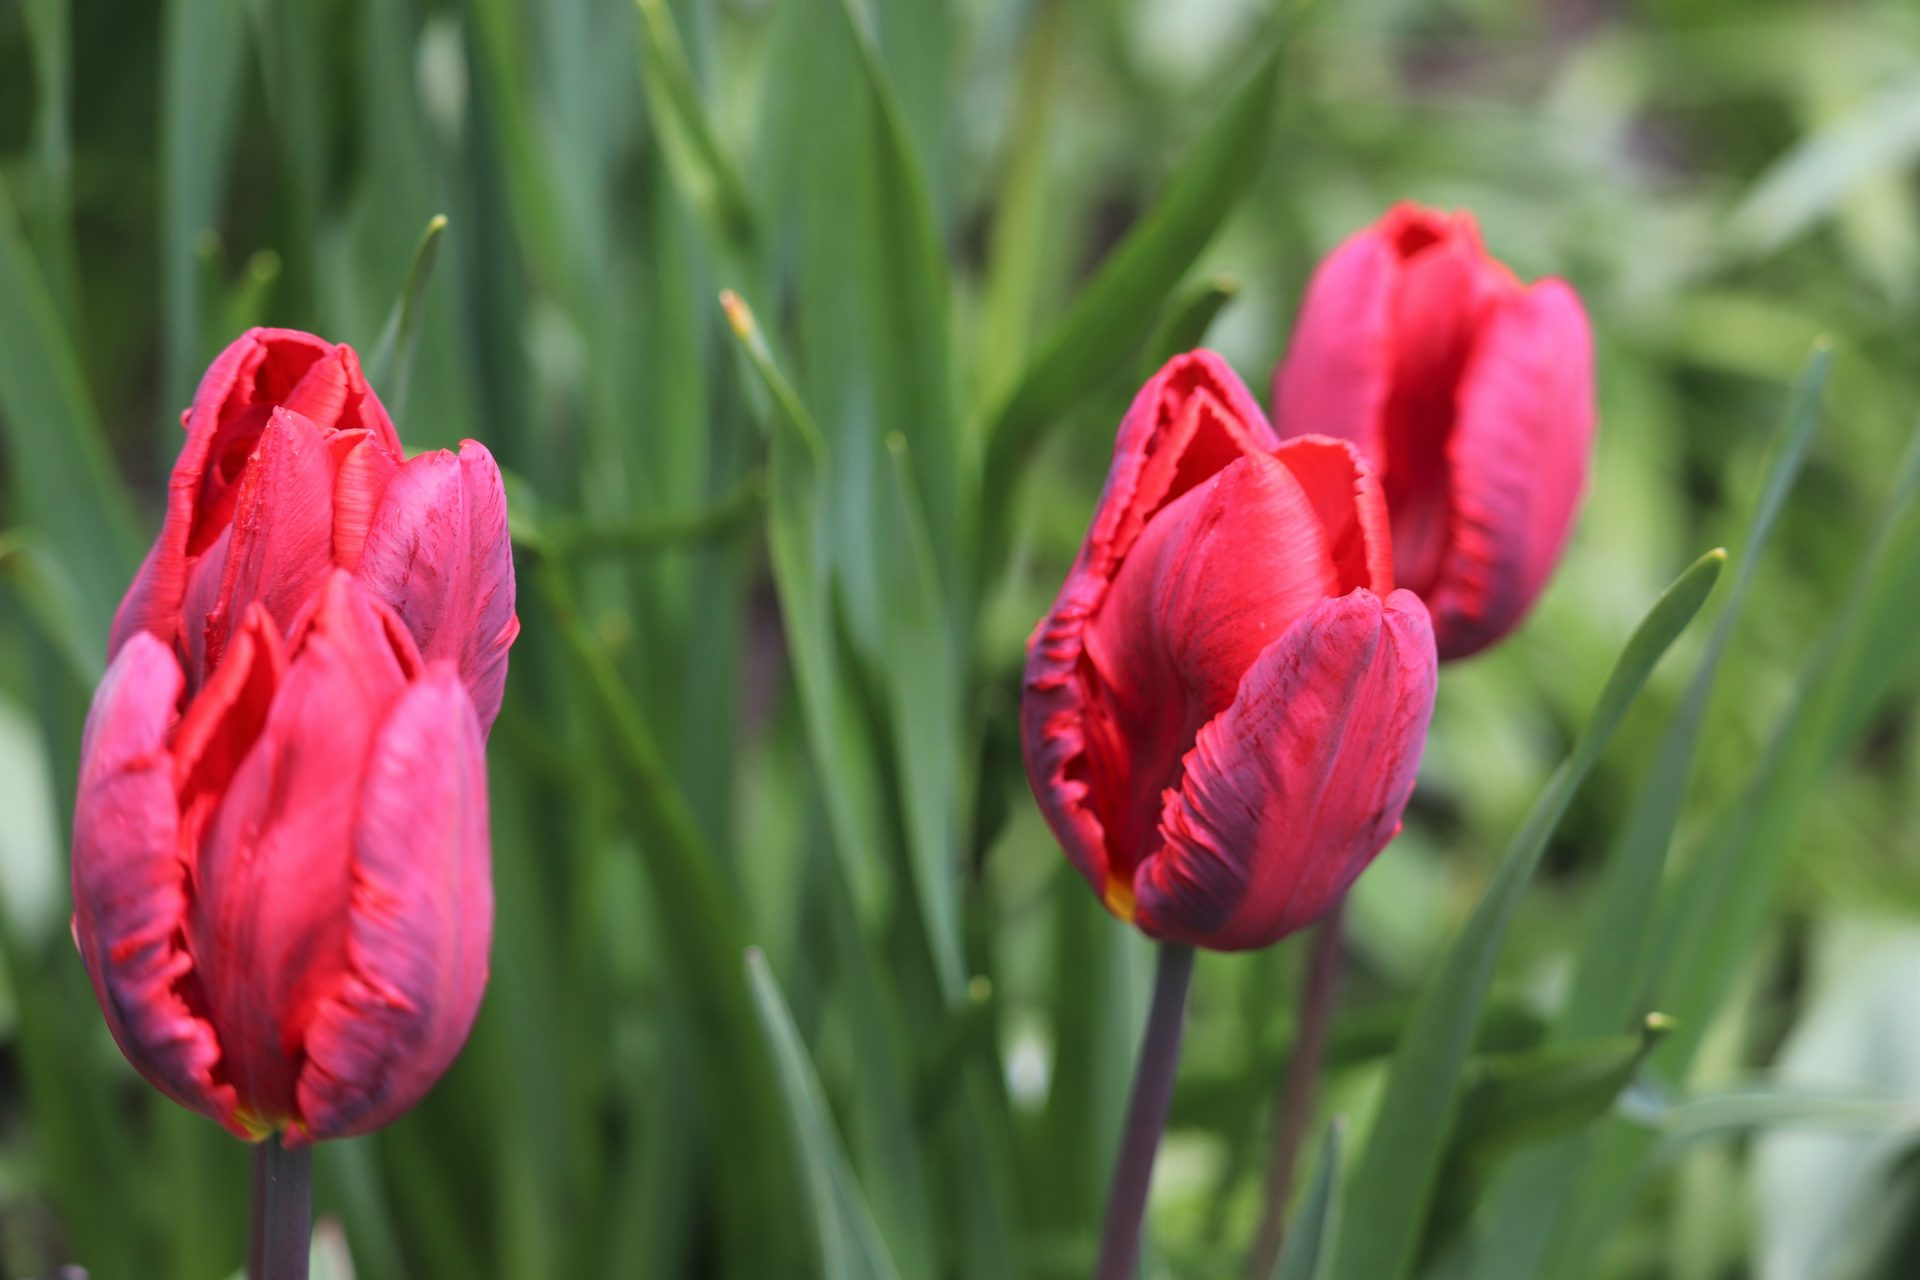 Hatanpää arboretum kevät puisto kukka kasvit